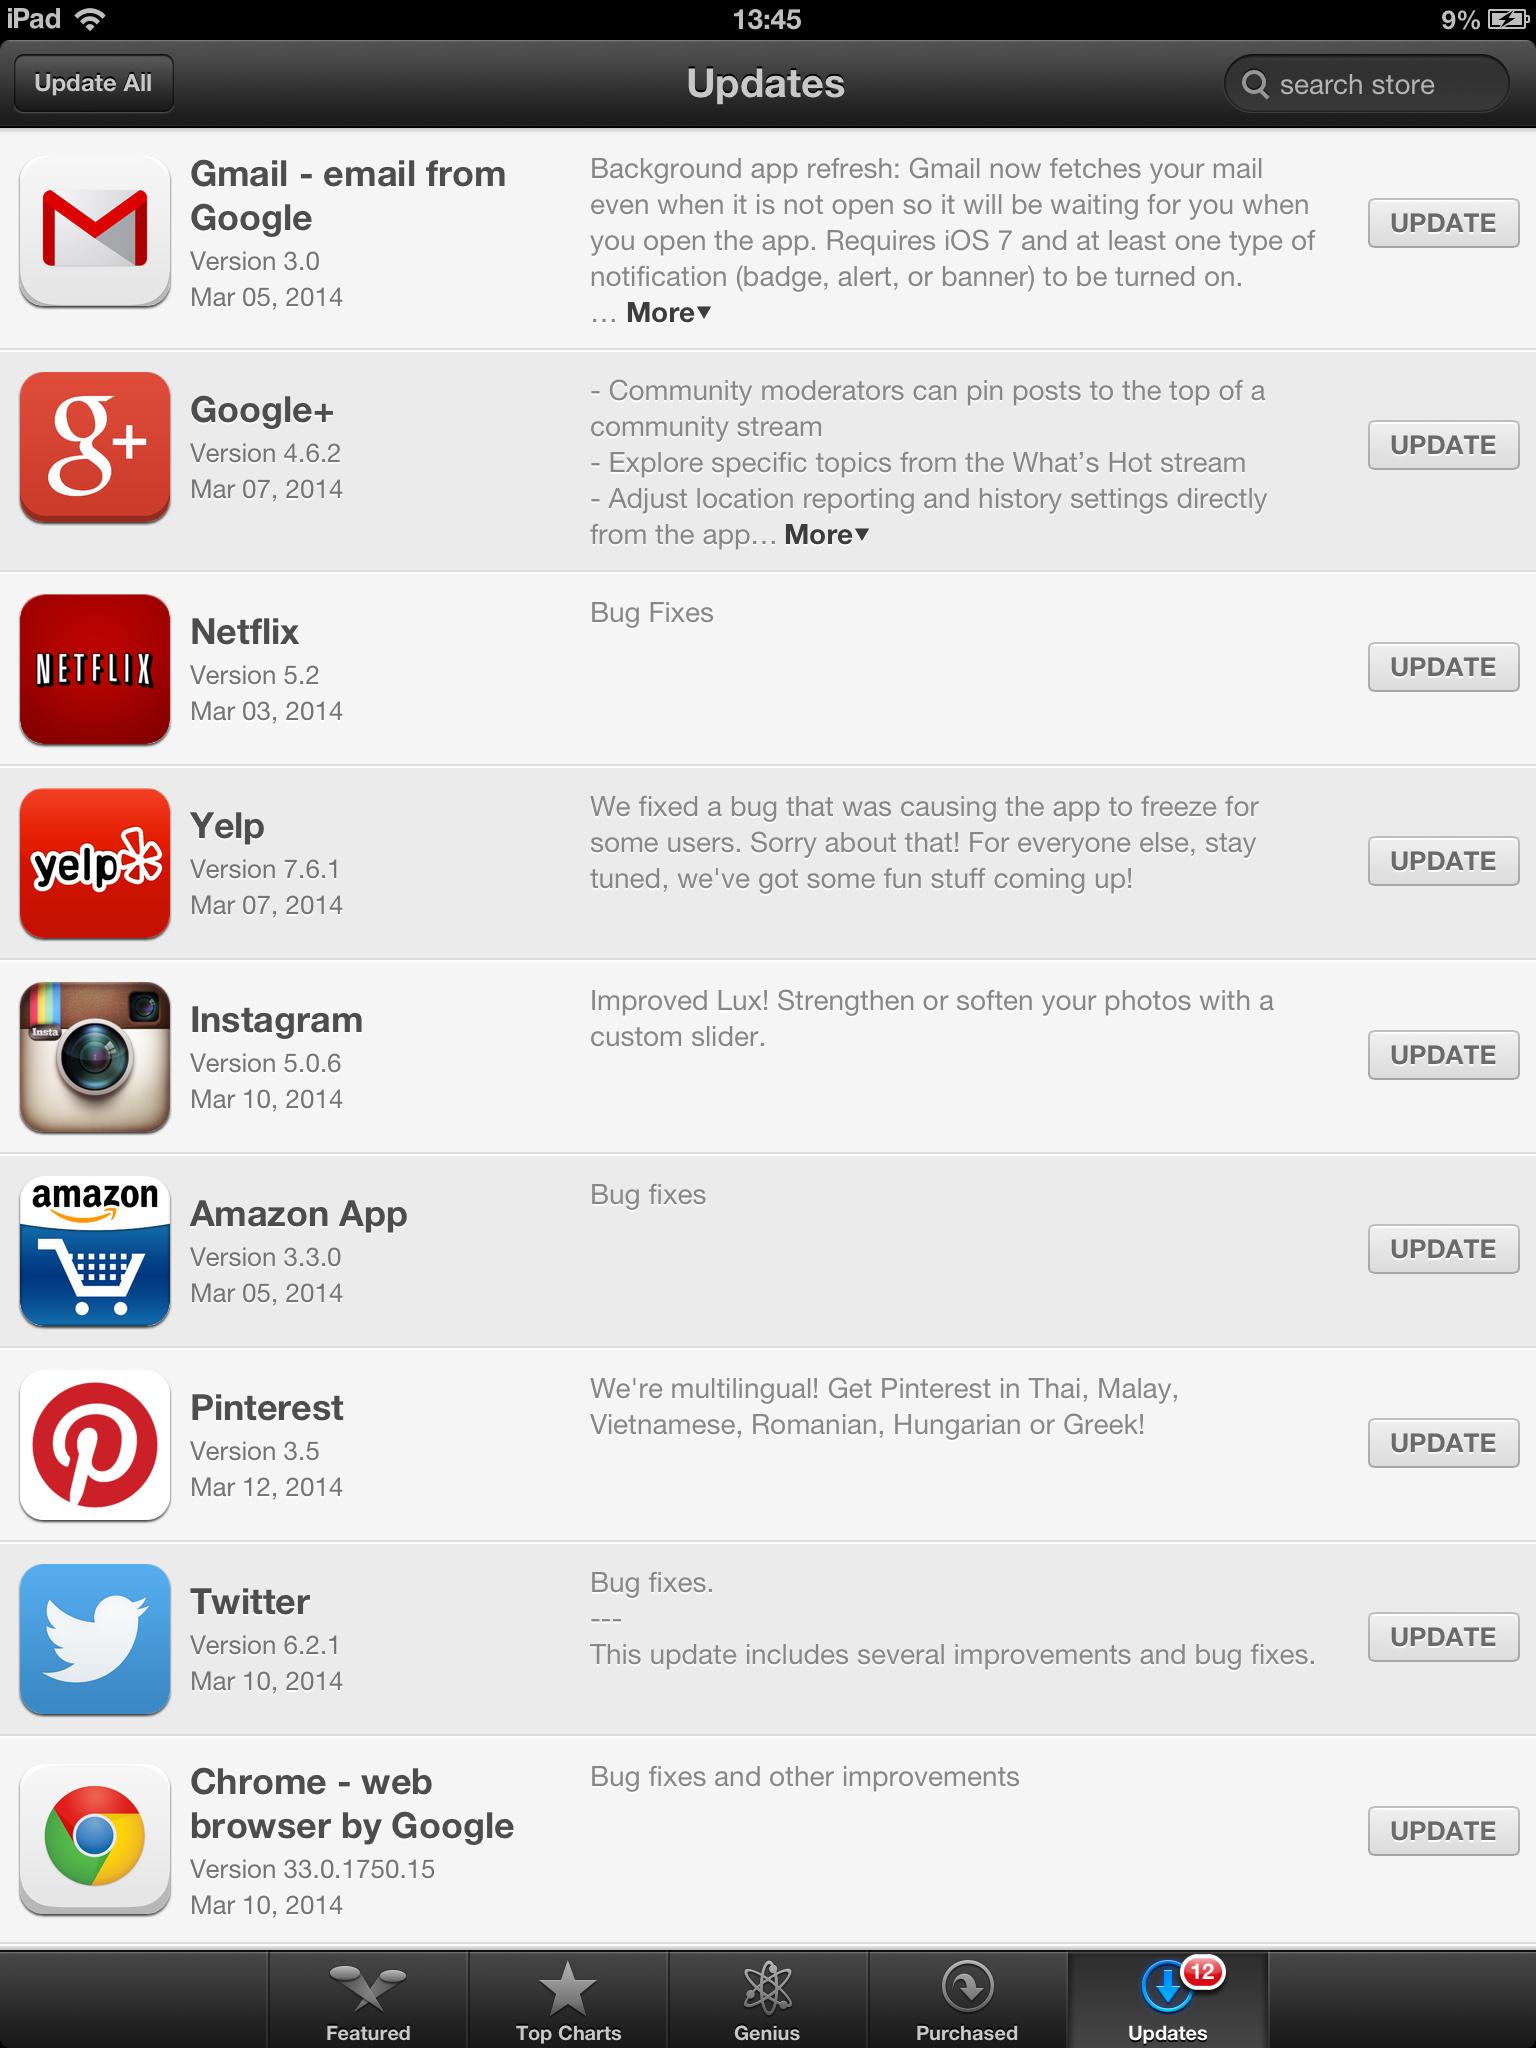 iOS 6 updates fullscreen